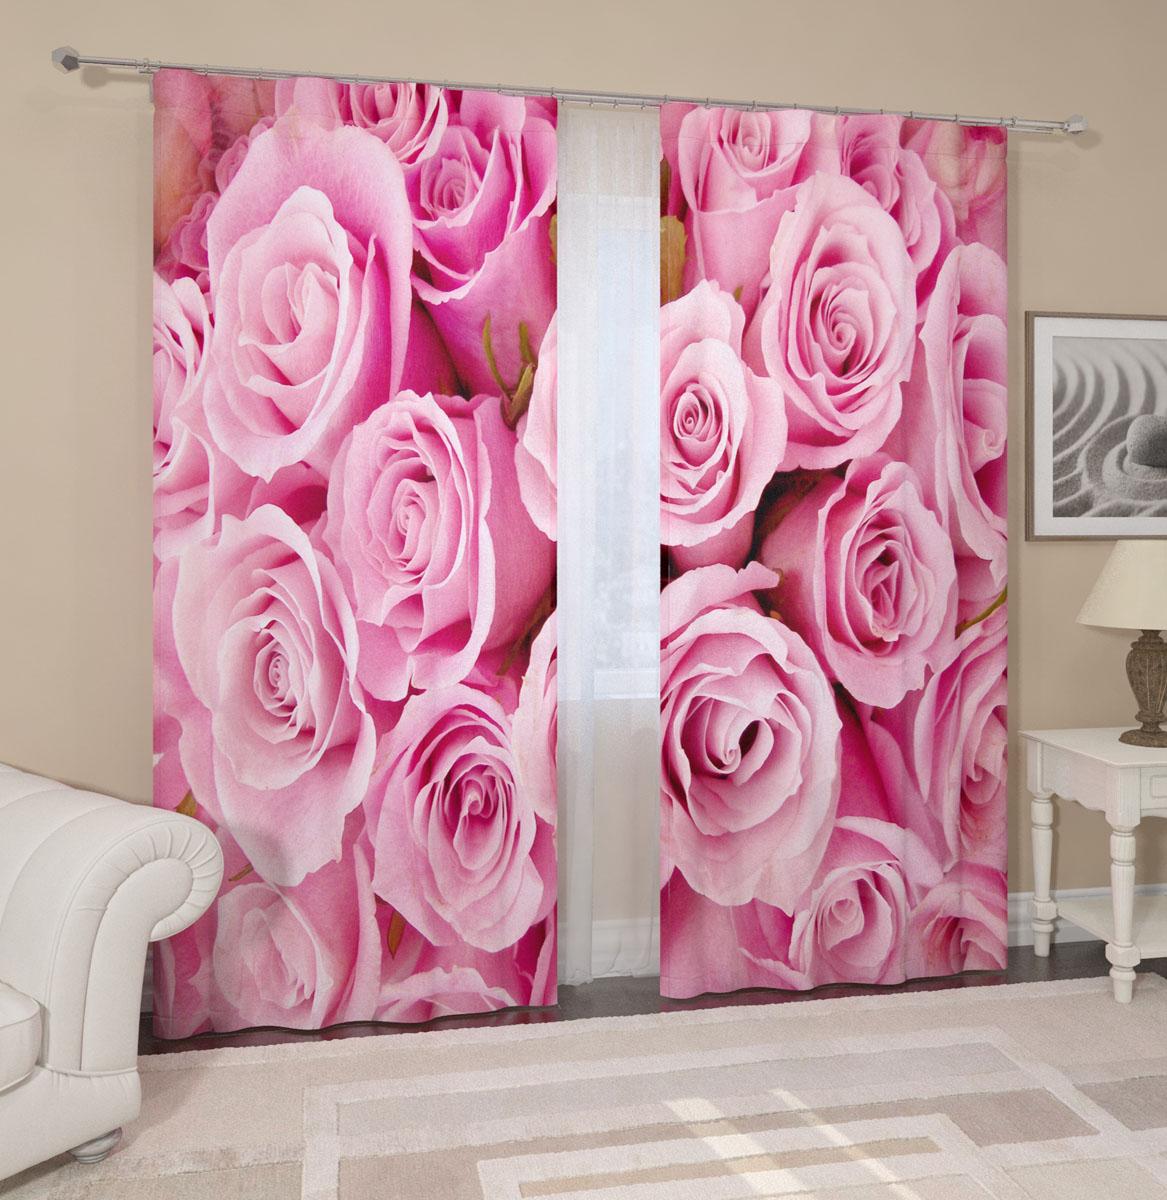 Комплект фотоштор Сирень Розовые розы, на ленте, высота 260 см04555-ФШ-ГБ-001Фотошторы Сирень Розовые розы, выполненные из габардина (100% полиэстера), отлично дополнят украшение любого интерьера. Особенностью ткани габардин является небольшая плотность, из-за чего ткань хорошо пропускает воздух и солнечный свет. Ткань хорошо держит форму, не требует специального ухода. Крепление на карниз при помощи шторной ленты на крючки. В комплекте 2 шторы. Ширина одного полотна: 145 см.Высота штор: 260 см.Рекомендации по уходу: стирка при 30 градусах, гладить при температуре до 110 градусов.Изображение на мониторе может немного отличаться от реального.